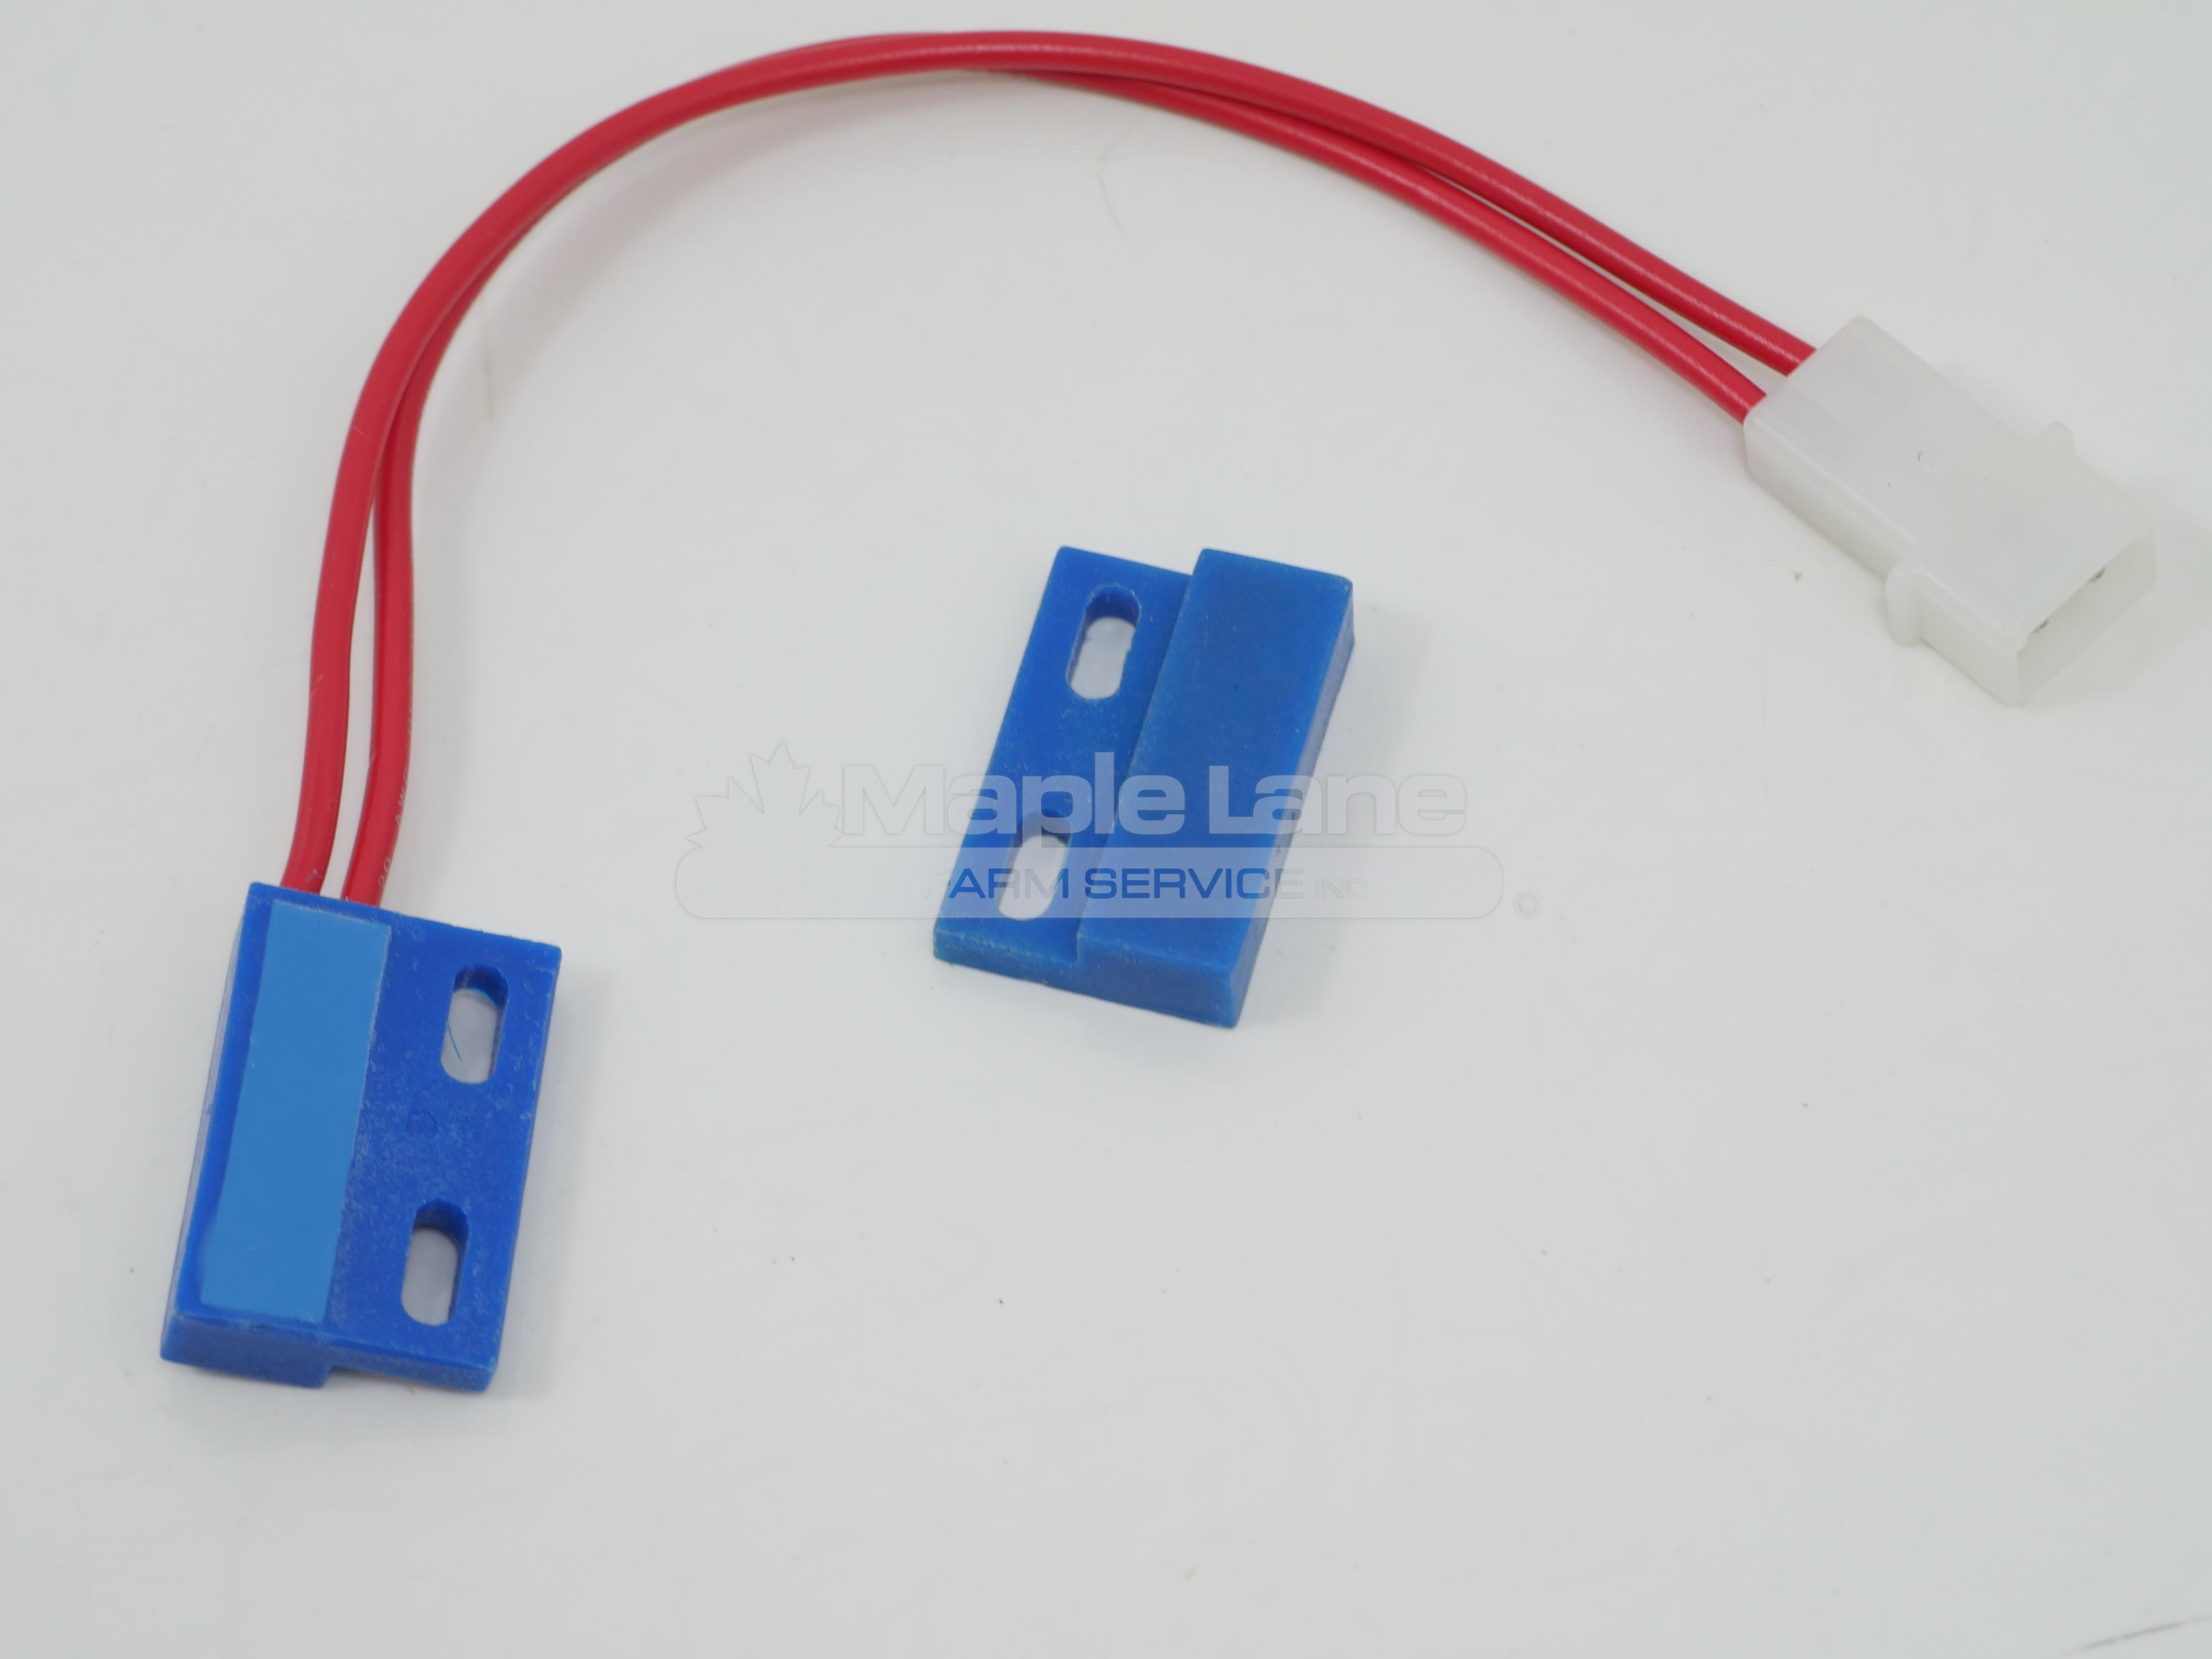 193182 Proximity Switch